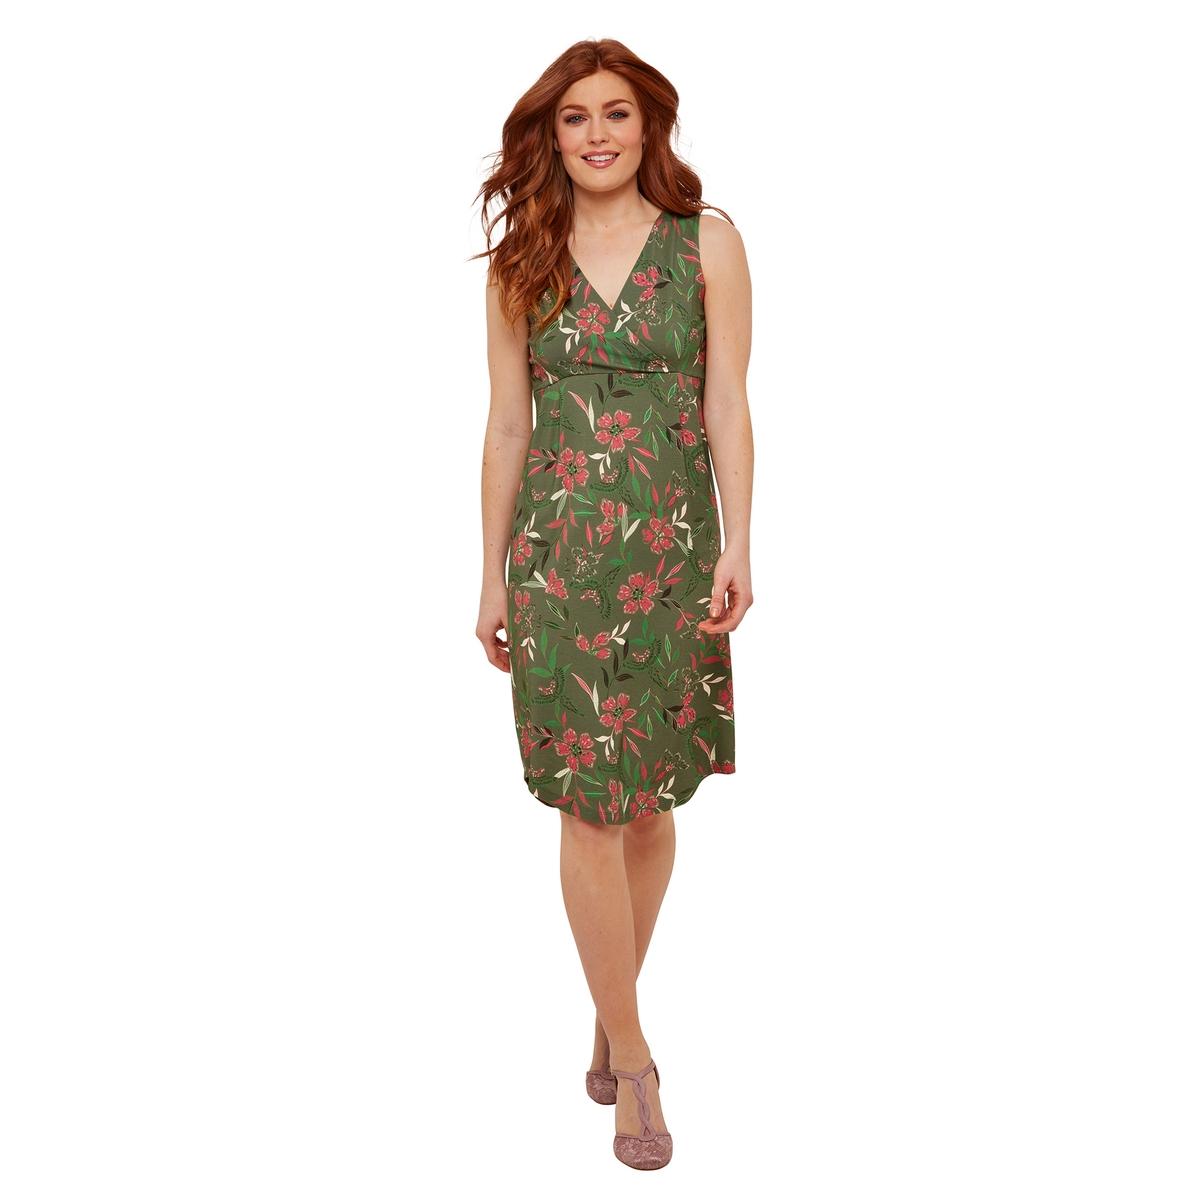 Платье La Redoute Без рукавов с цветочным принтом 36 (FR) - 42 (RUS) зеленый платье la redoute длинное без рукавов с застежкой на пуговицы спереди 42 fr 48 rus зеленый